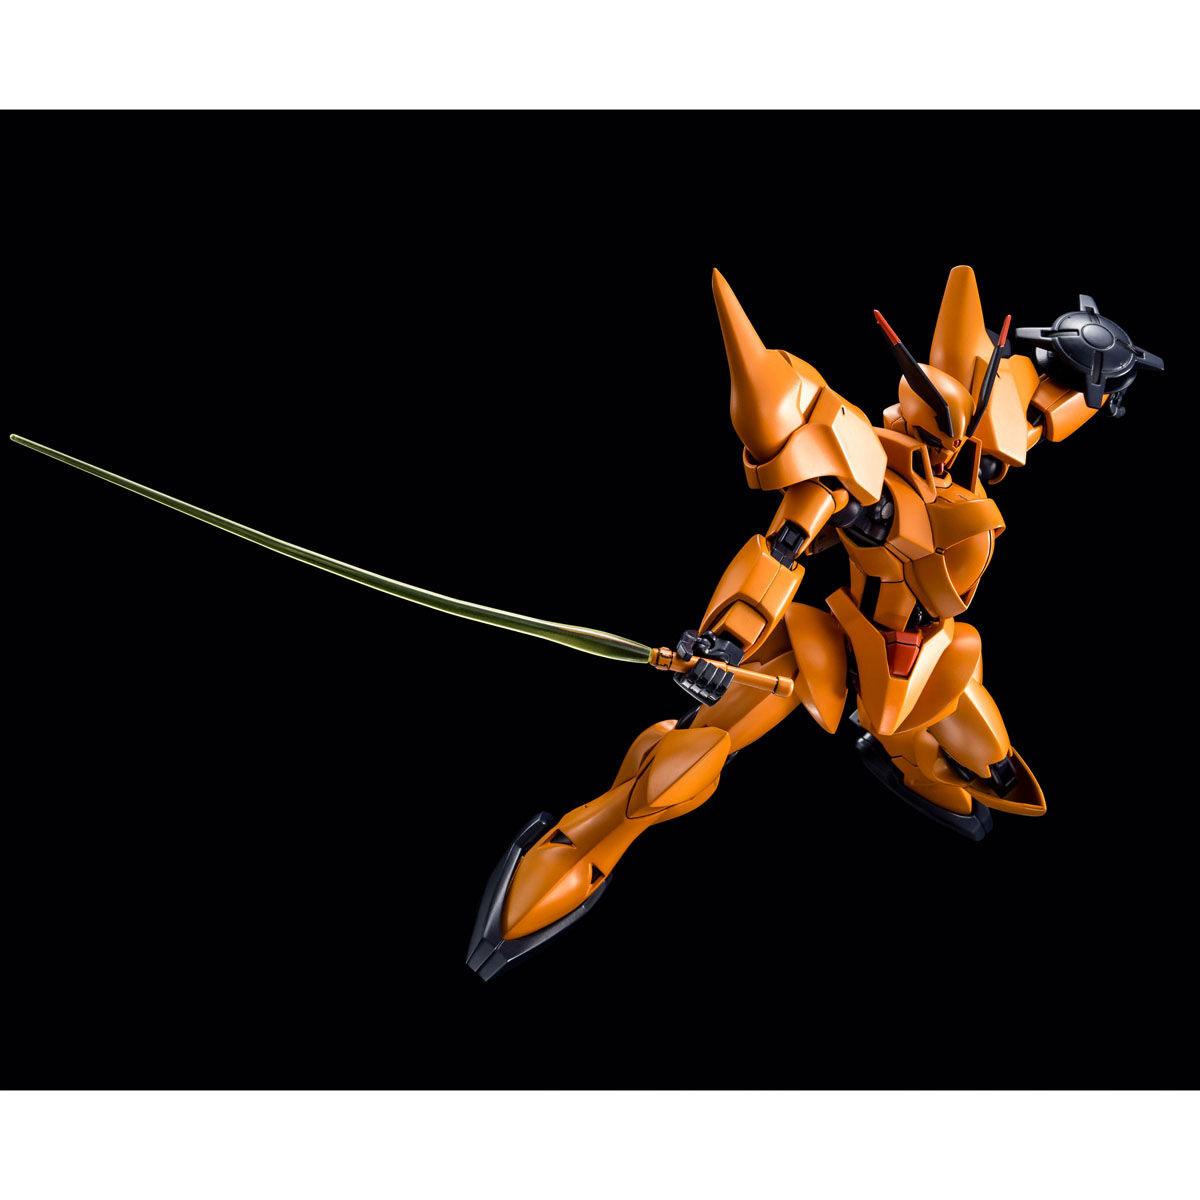 【限定販売】RE/100 1/100『シャッコー』Vガンダム プラモデル-007